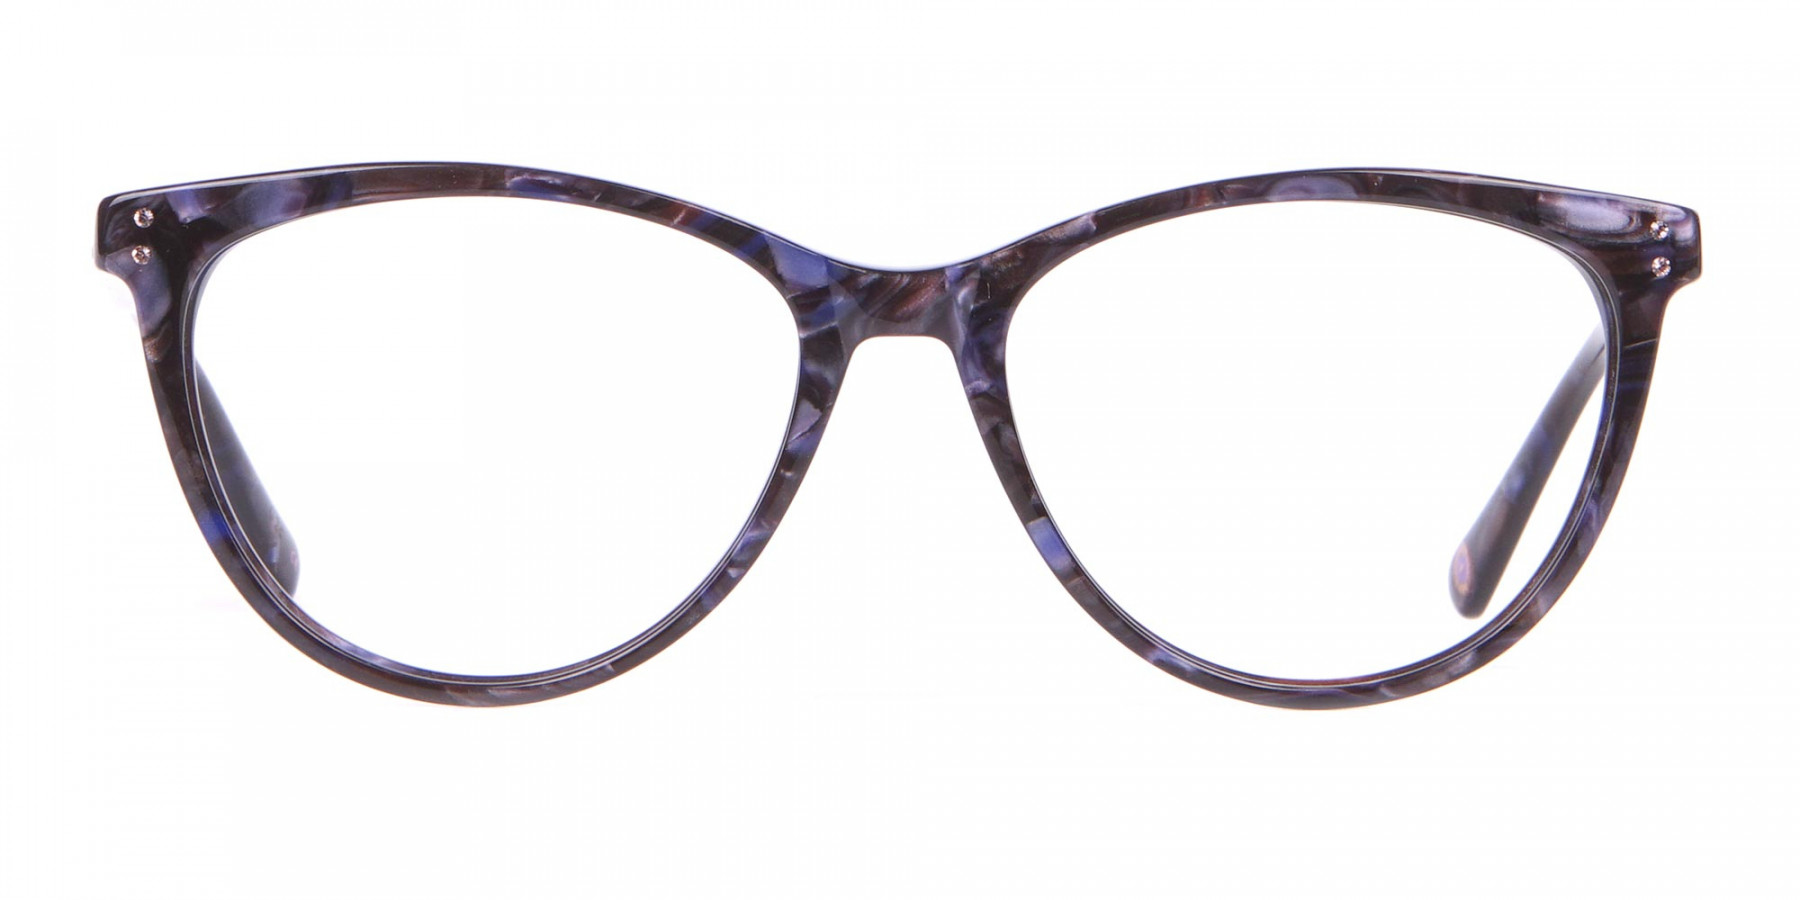 TED BAKER TB9146 Gigi Cat Eye Glasses Purple Marble-1